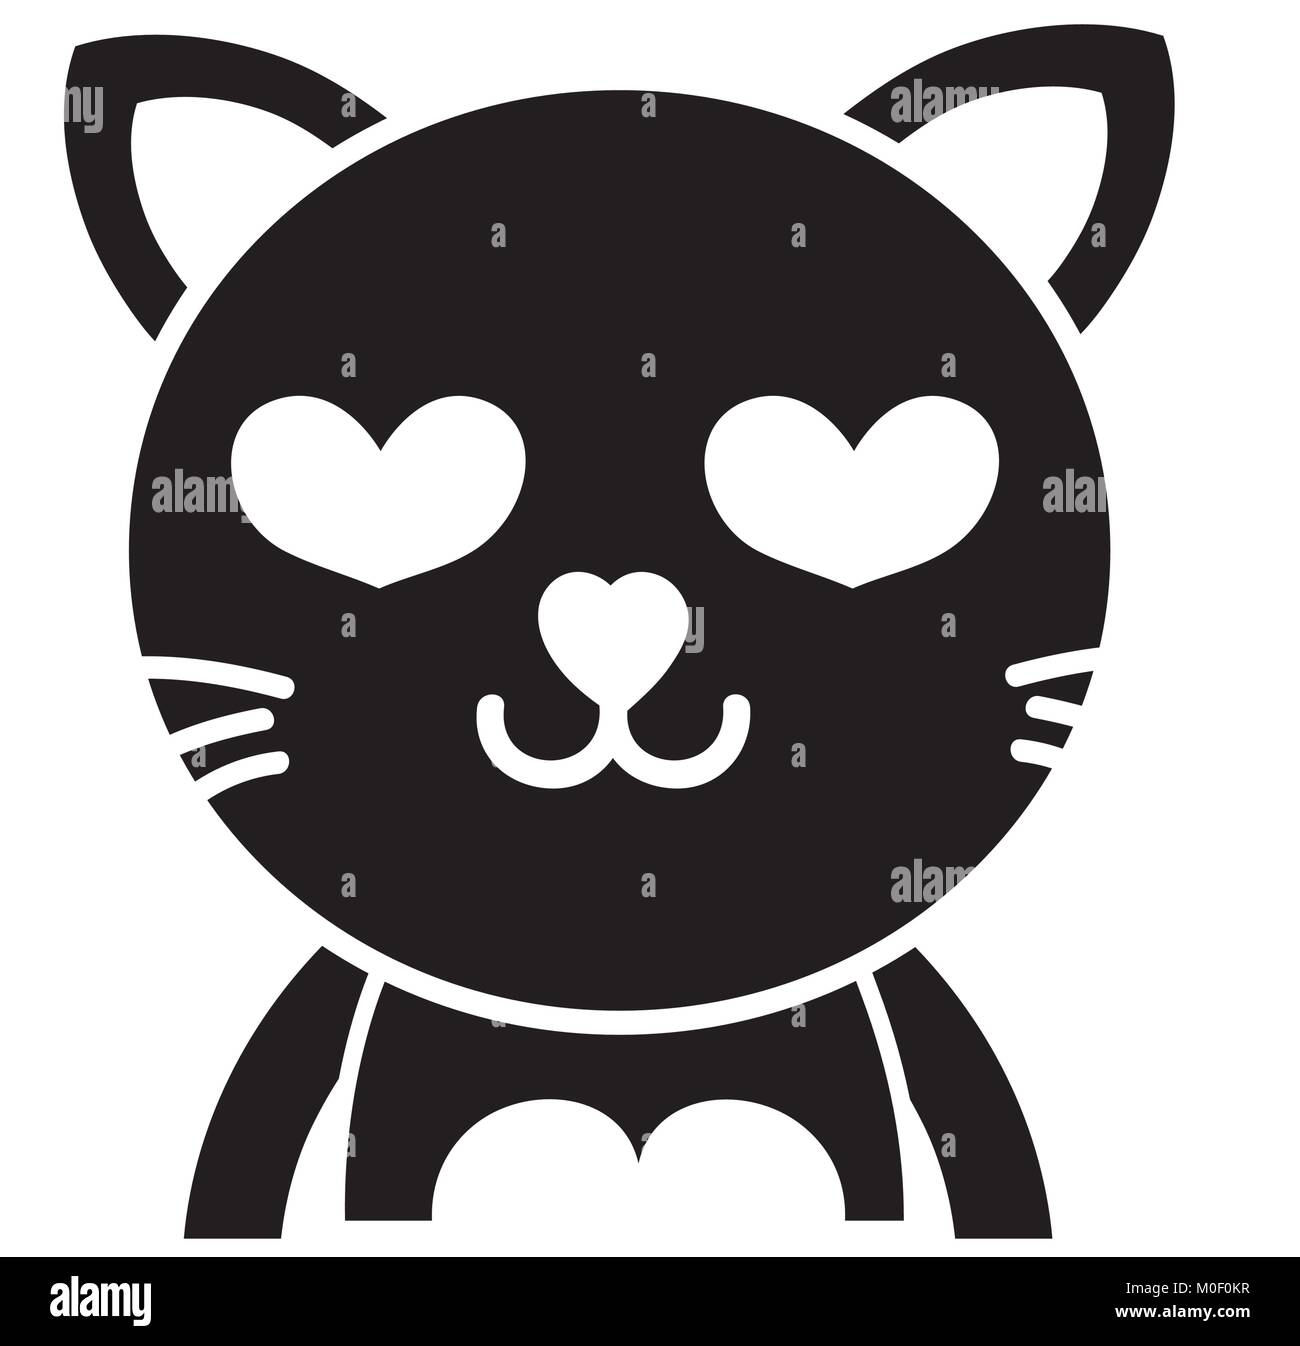 Silueta Animal Felino Adorable Gato Enamorado Ilustración Del Vector